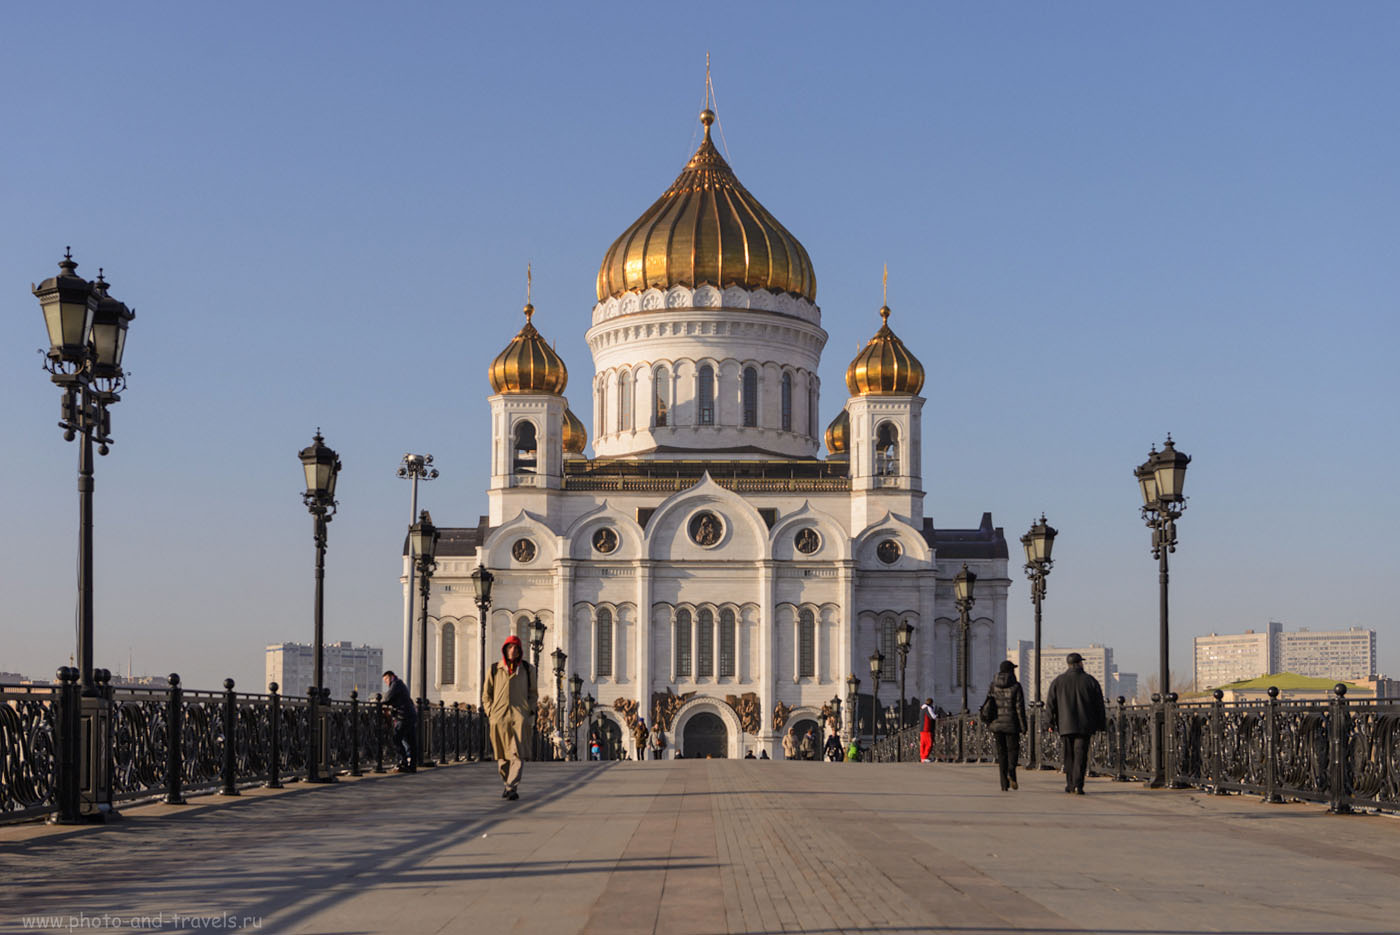 Фотография 14. Храм Христа Спасителя в Москве. Вид с Патриаршего моста. 1/640, 5.6, 100, 52.